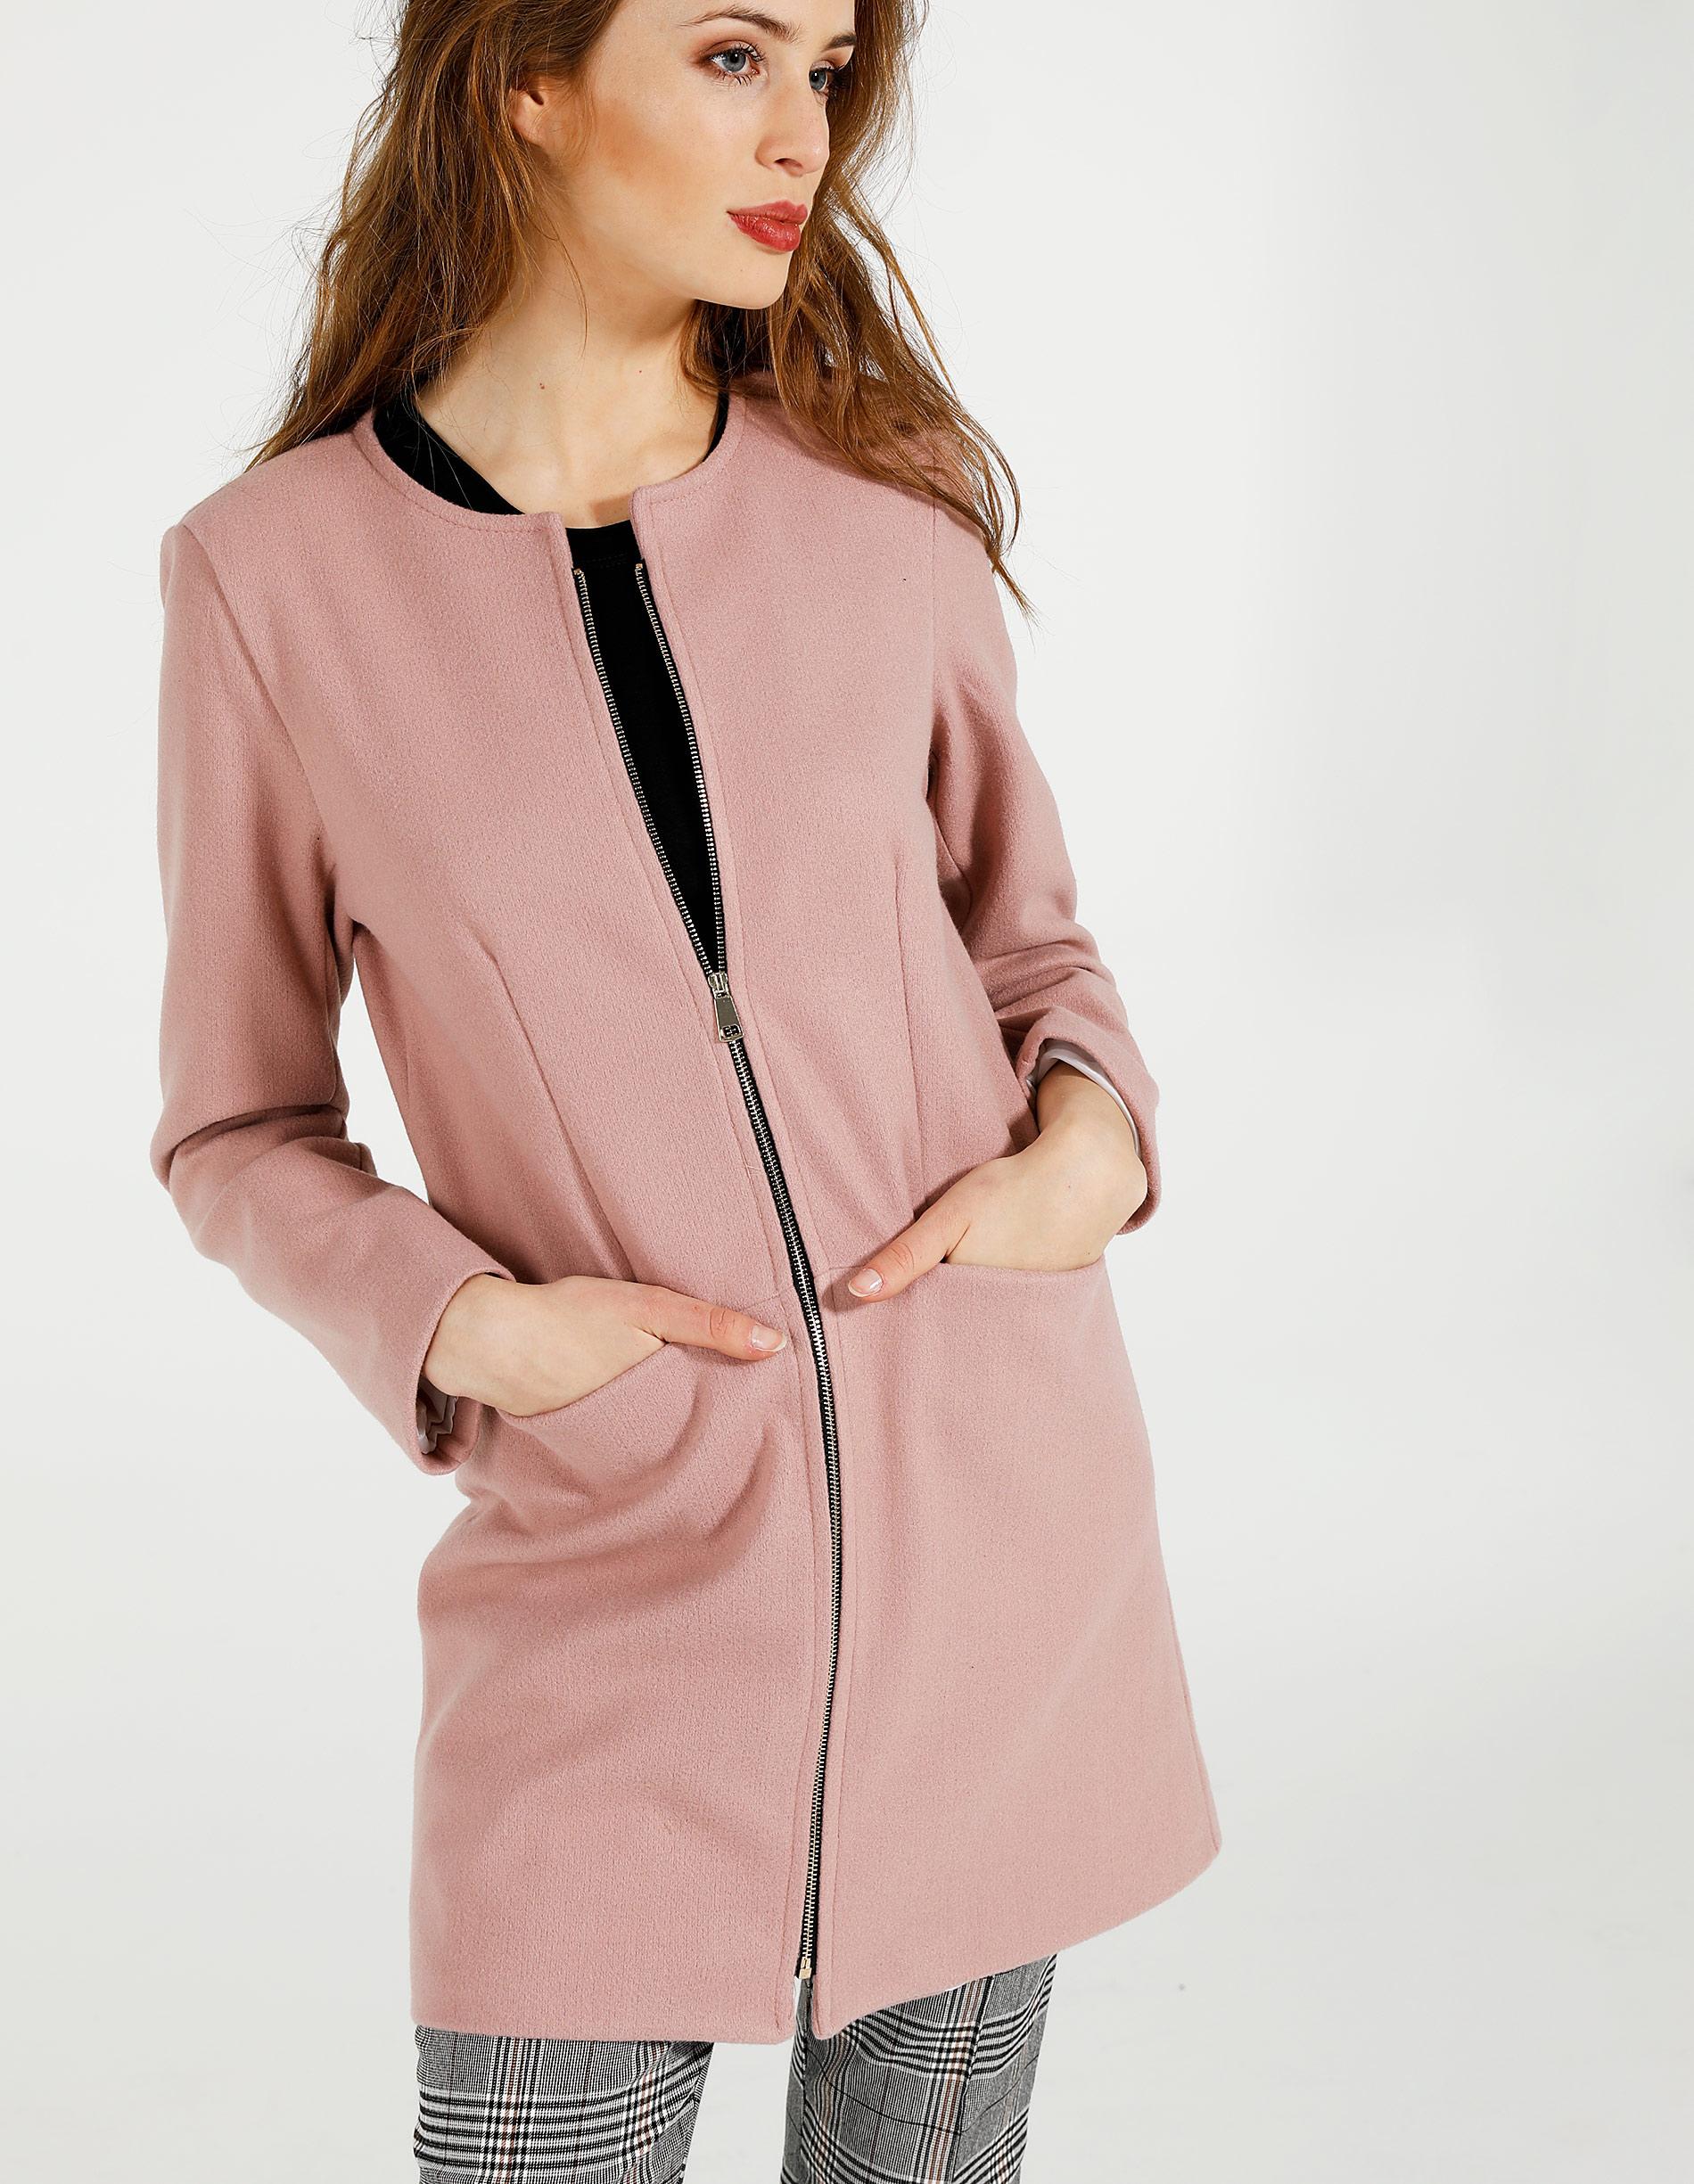 Płaszcz materiałowy - 140-0560 ROSA - Unisono